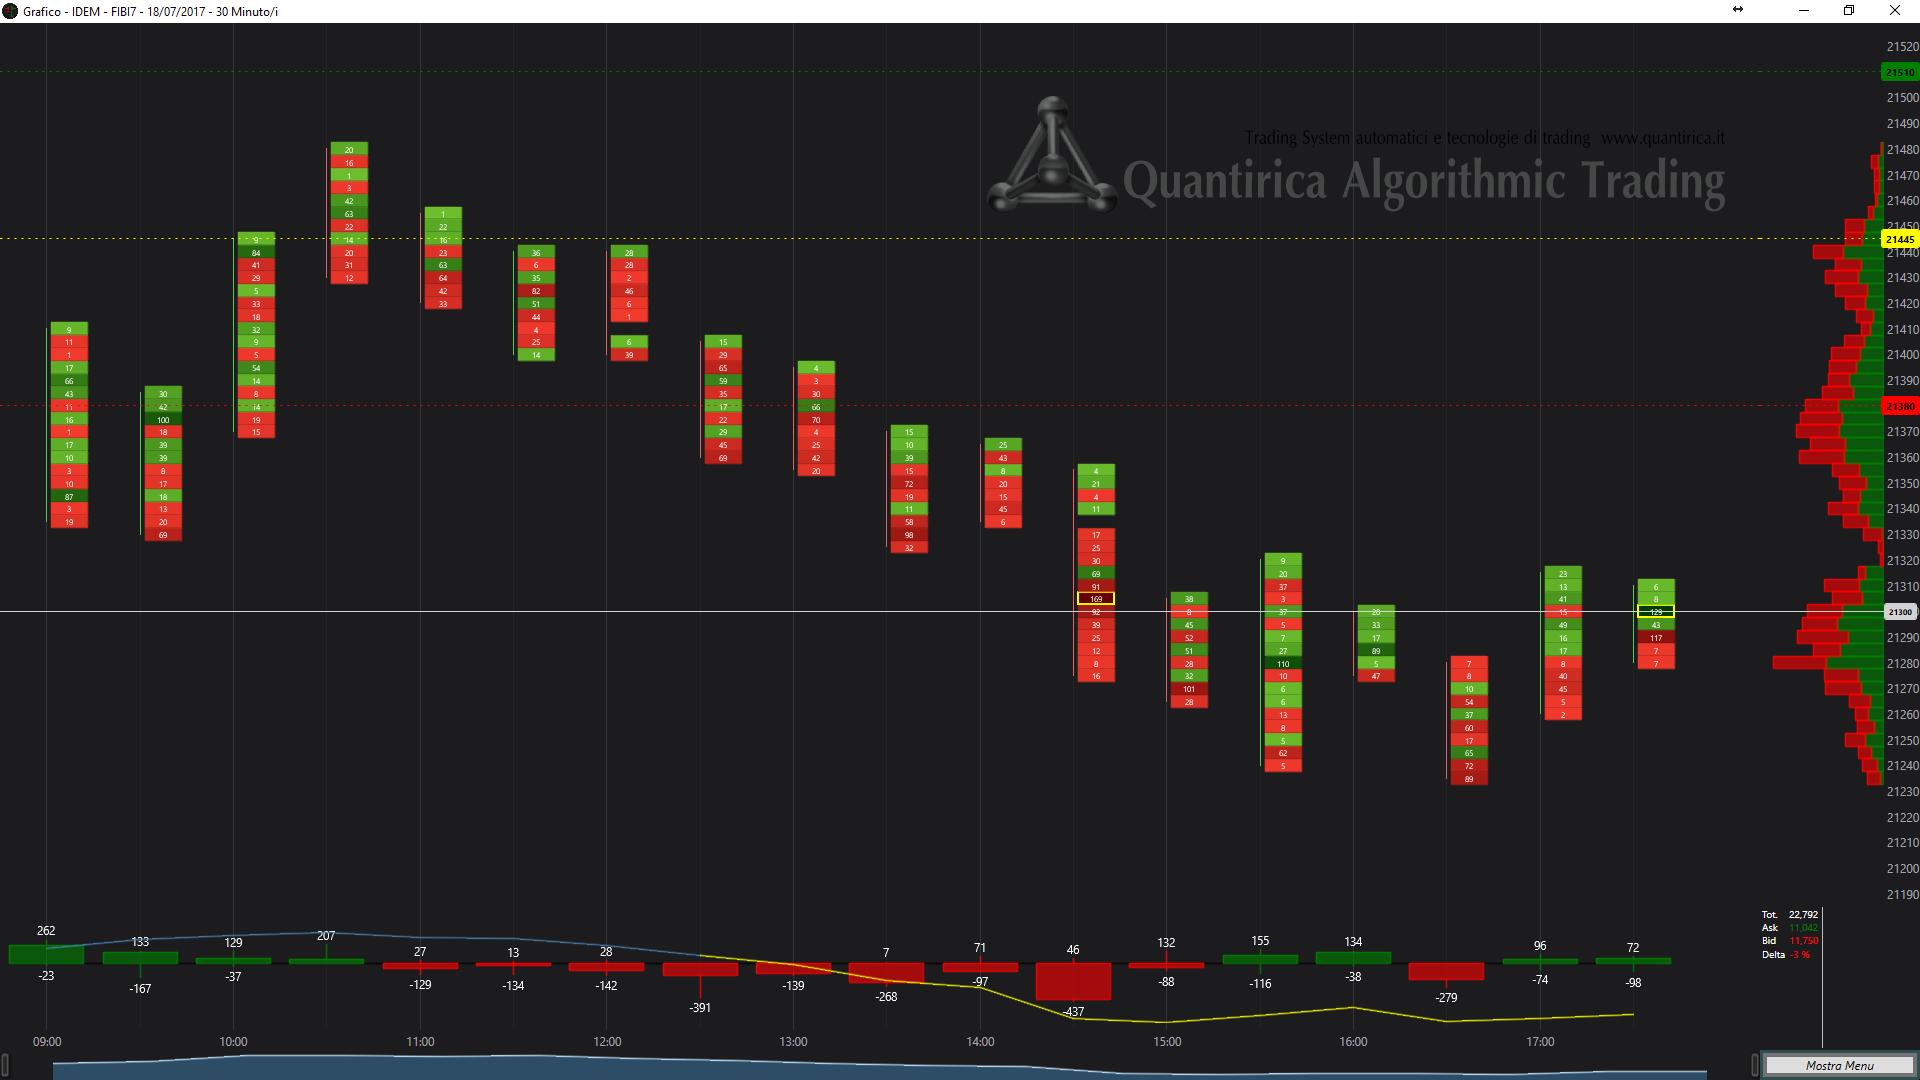 Analisi grafica dei volumi e dei flussi di trading con grafico a delta